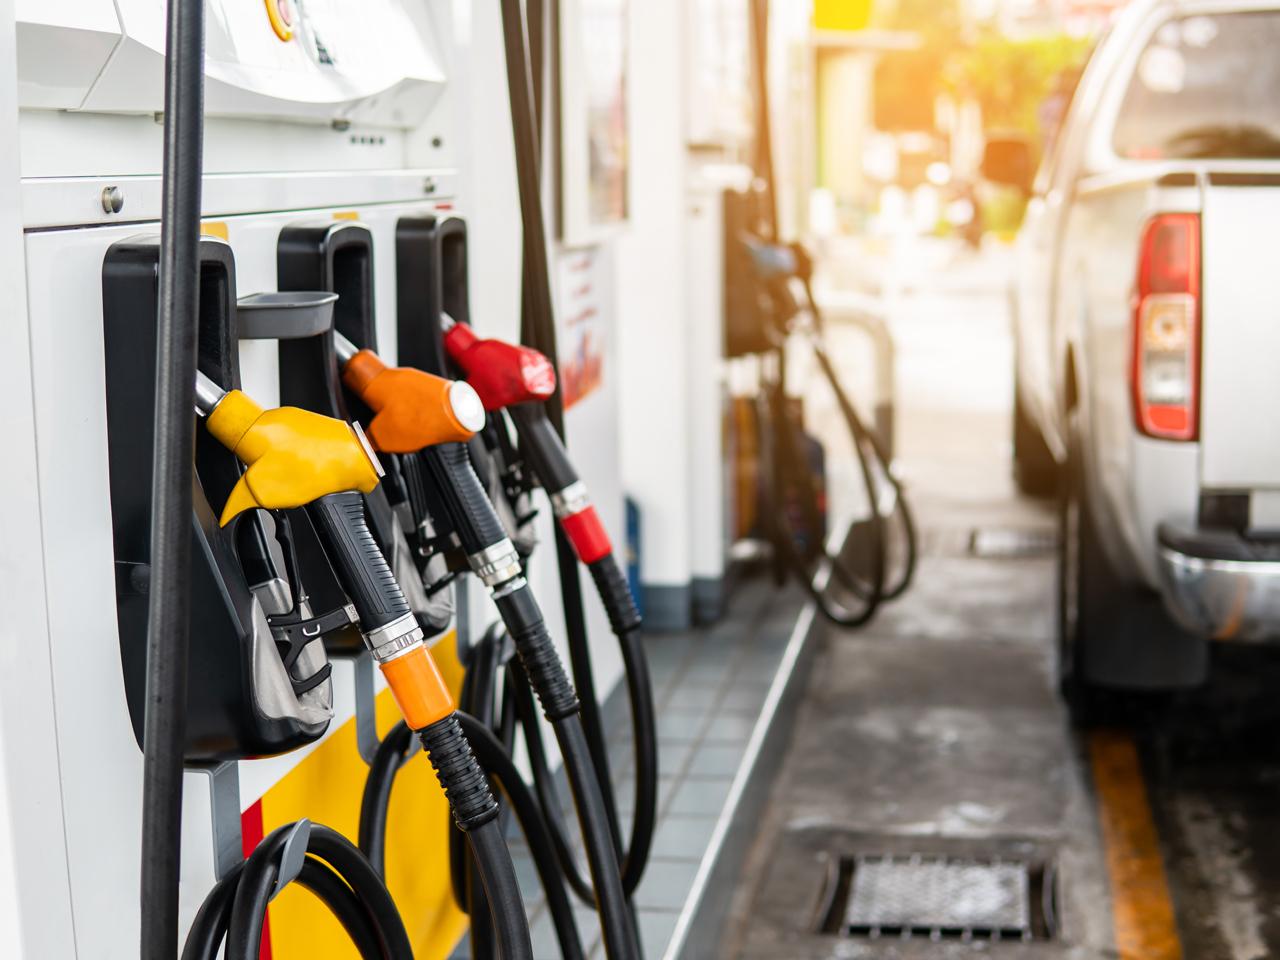 bombas de etanol ou gasolina